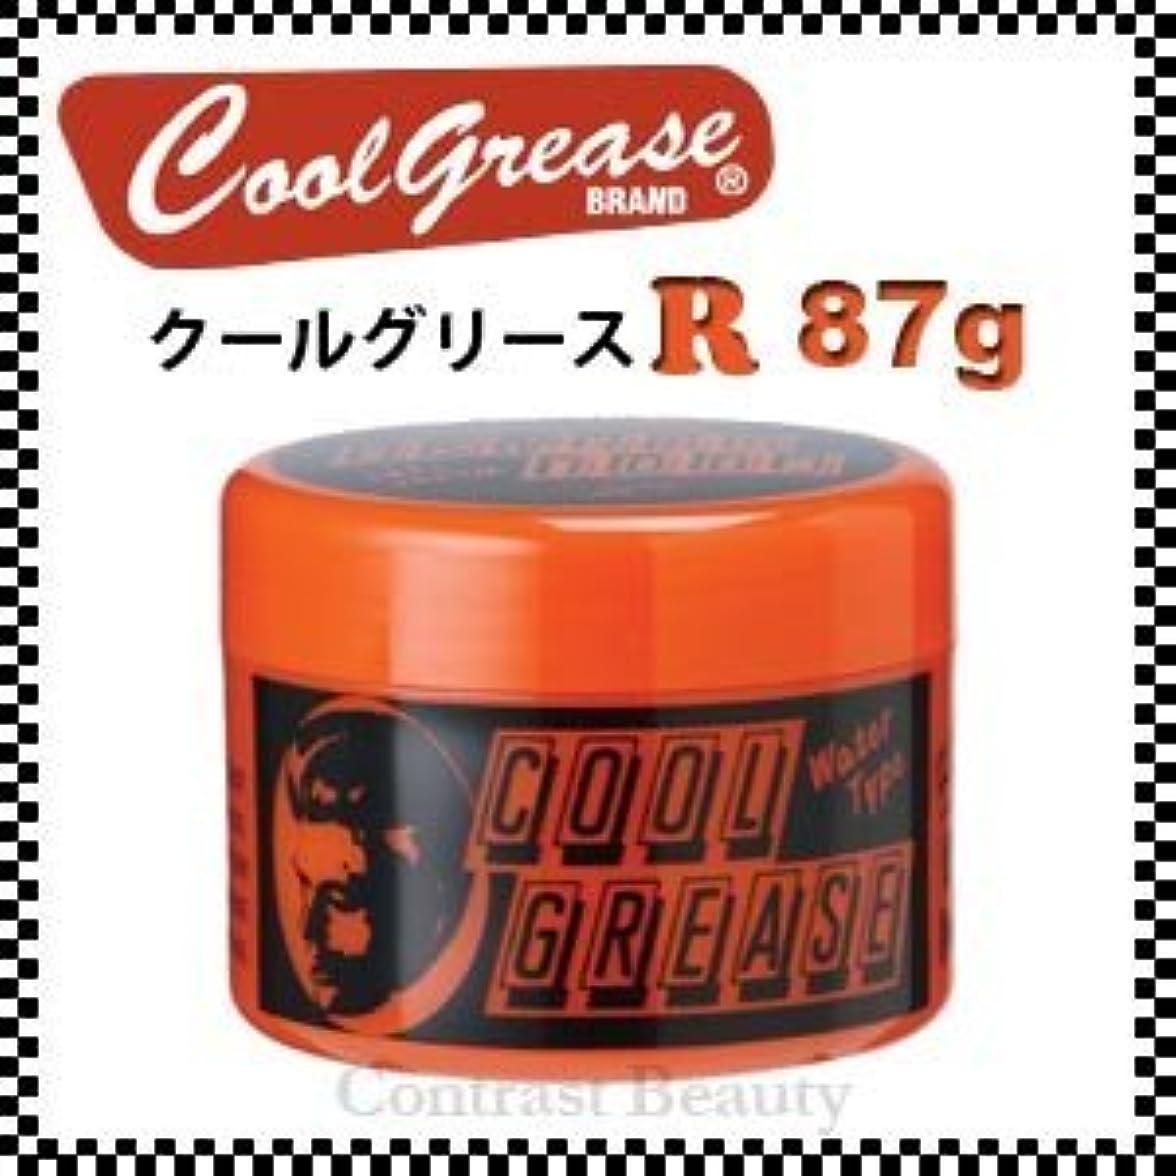 うまくいけば世界に死んだお酢阪本高生堂 クールグリース R 87g